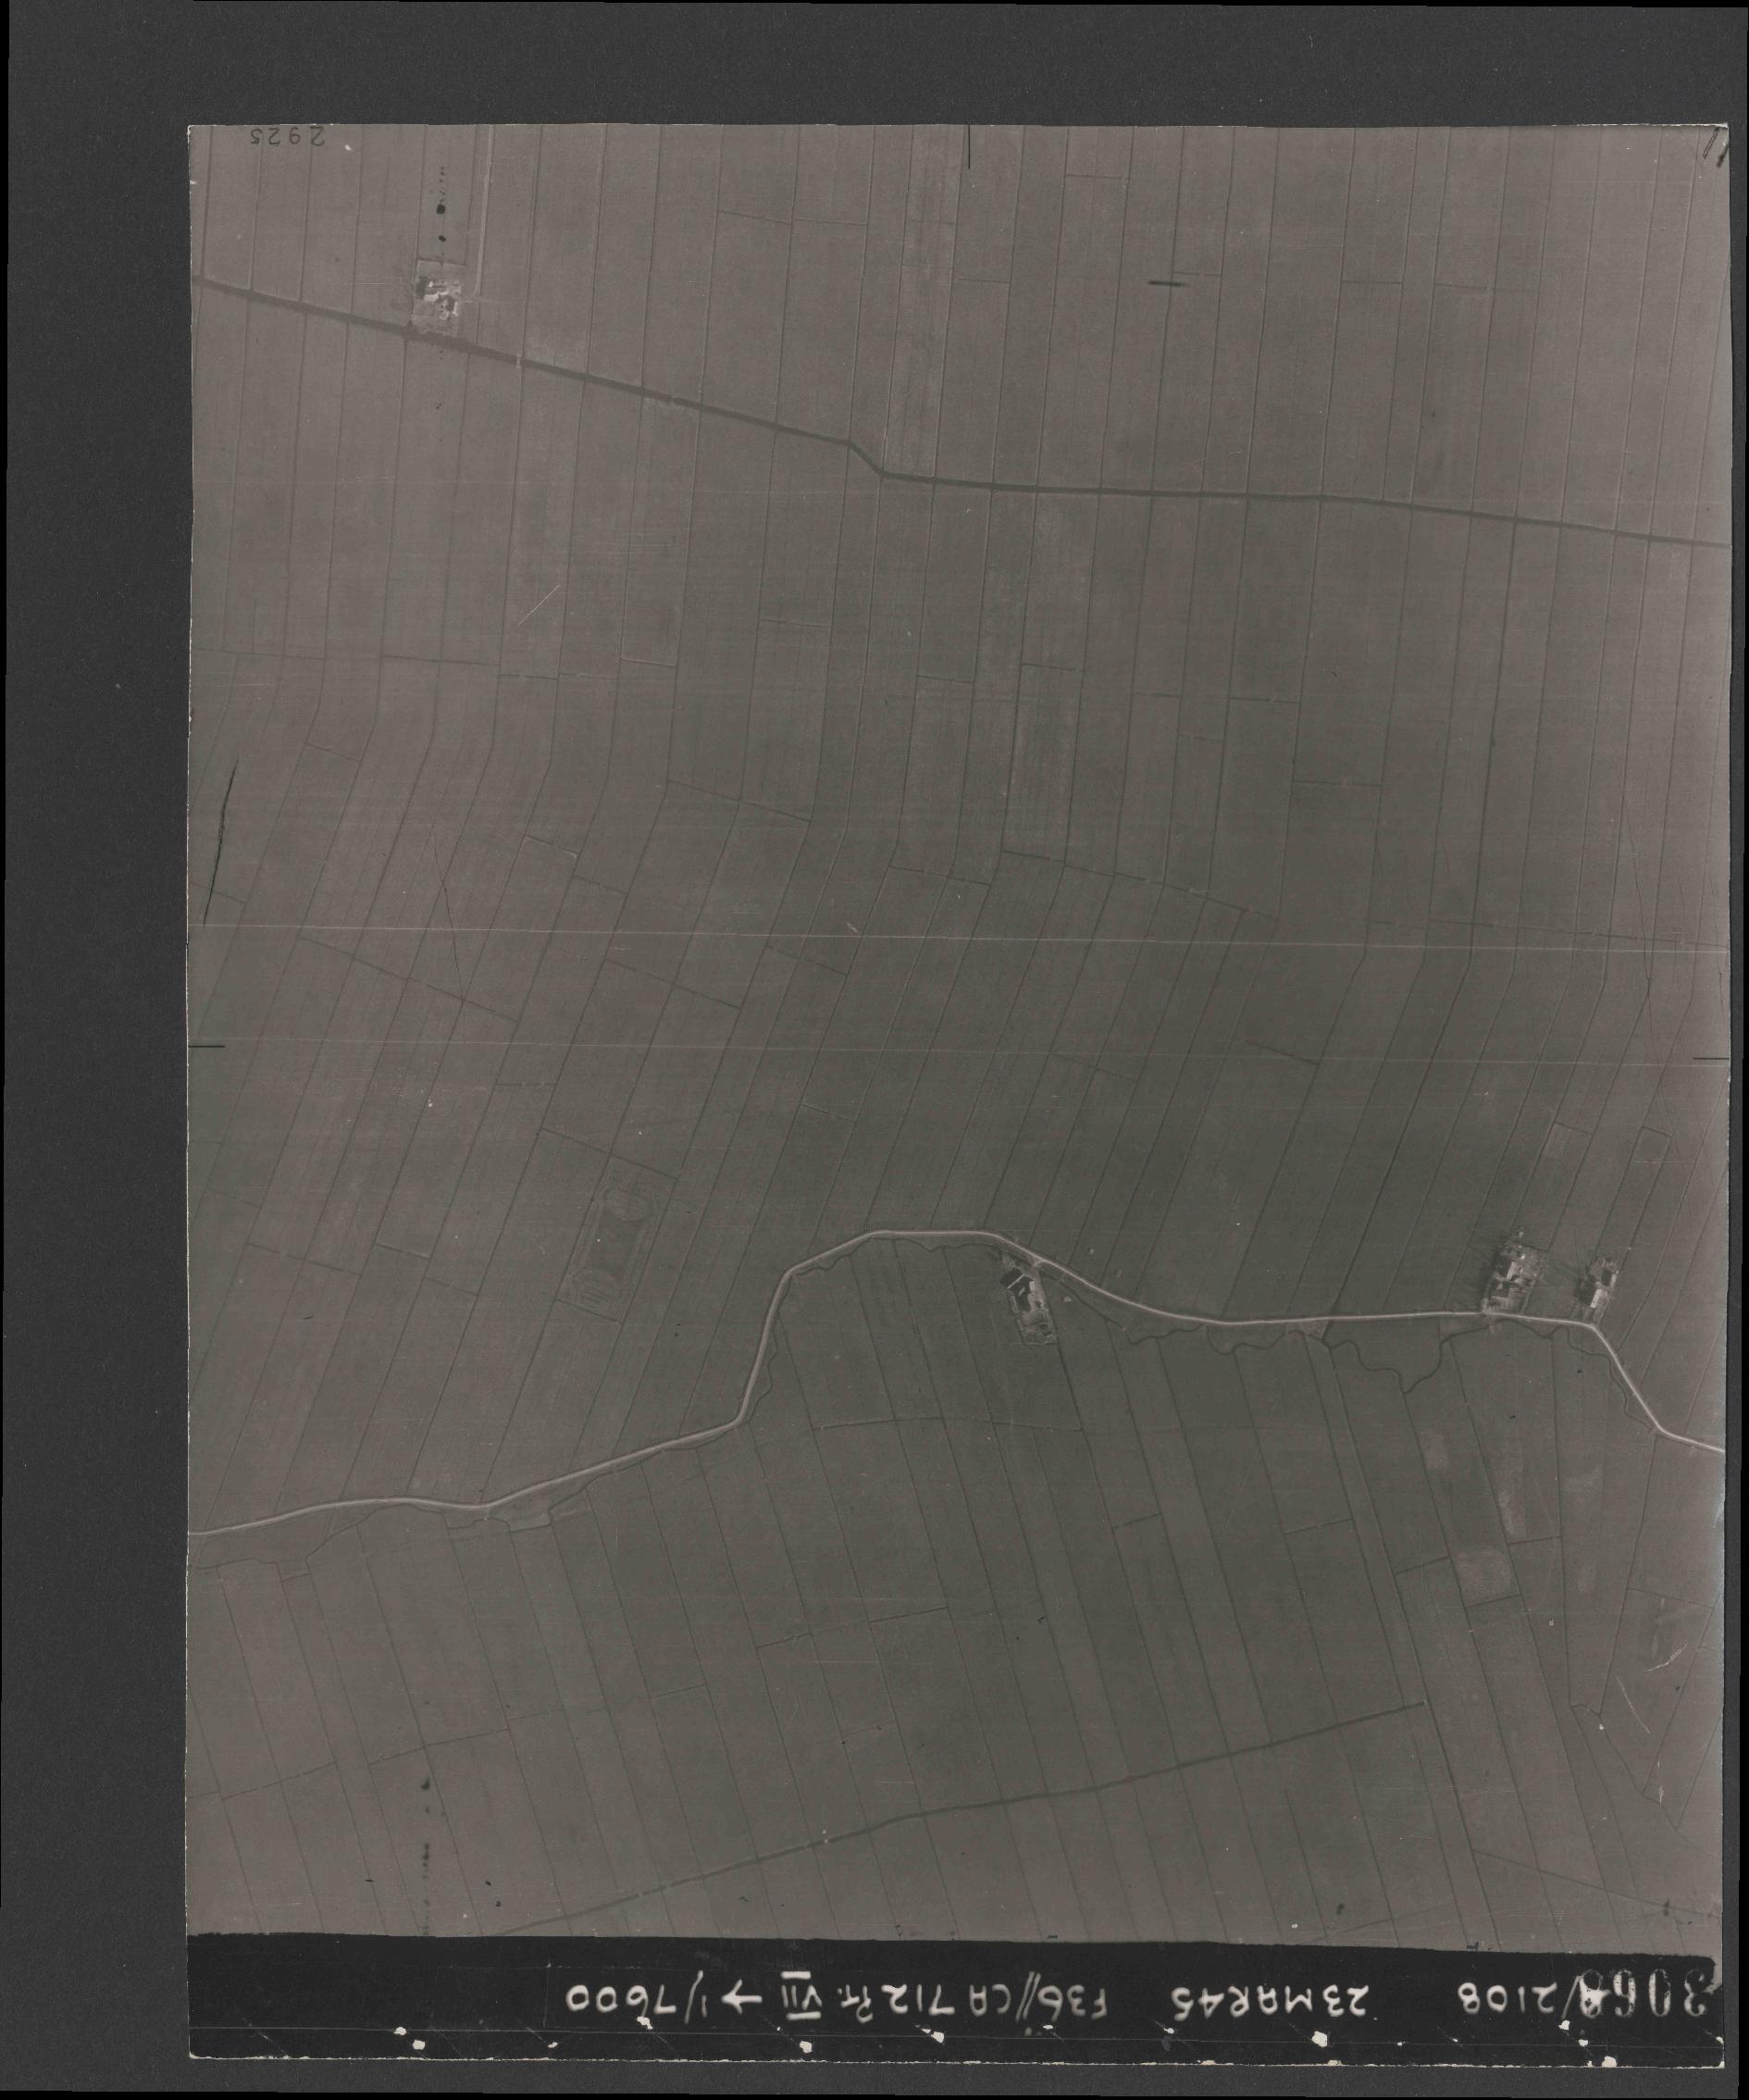 Collection RAF aerial photos 1940-1945 - flight 104, run 03, photo 3068